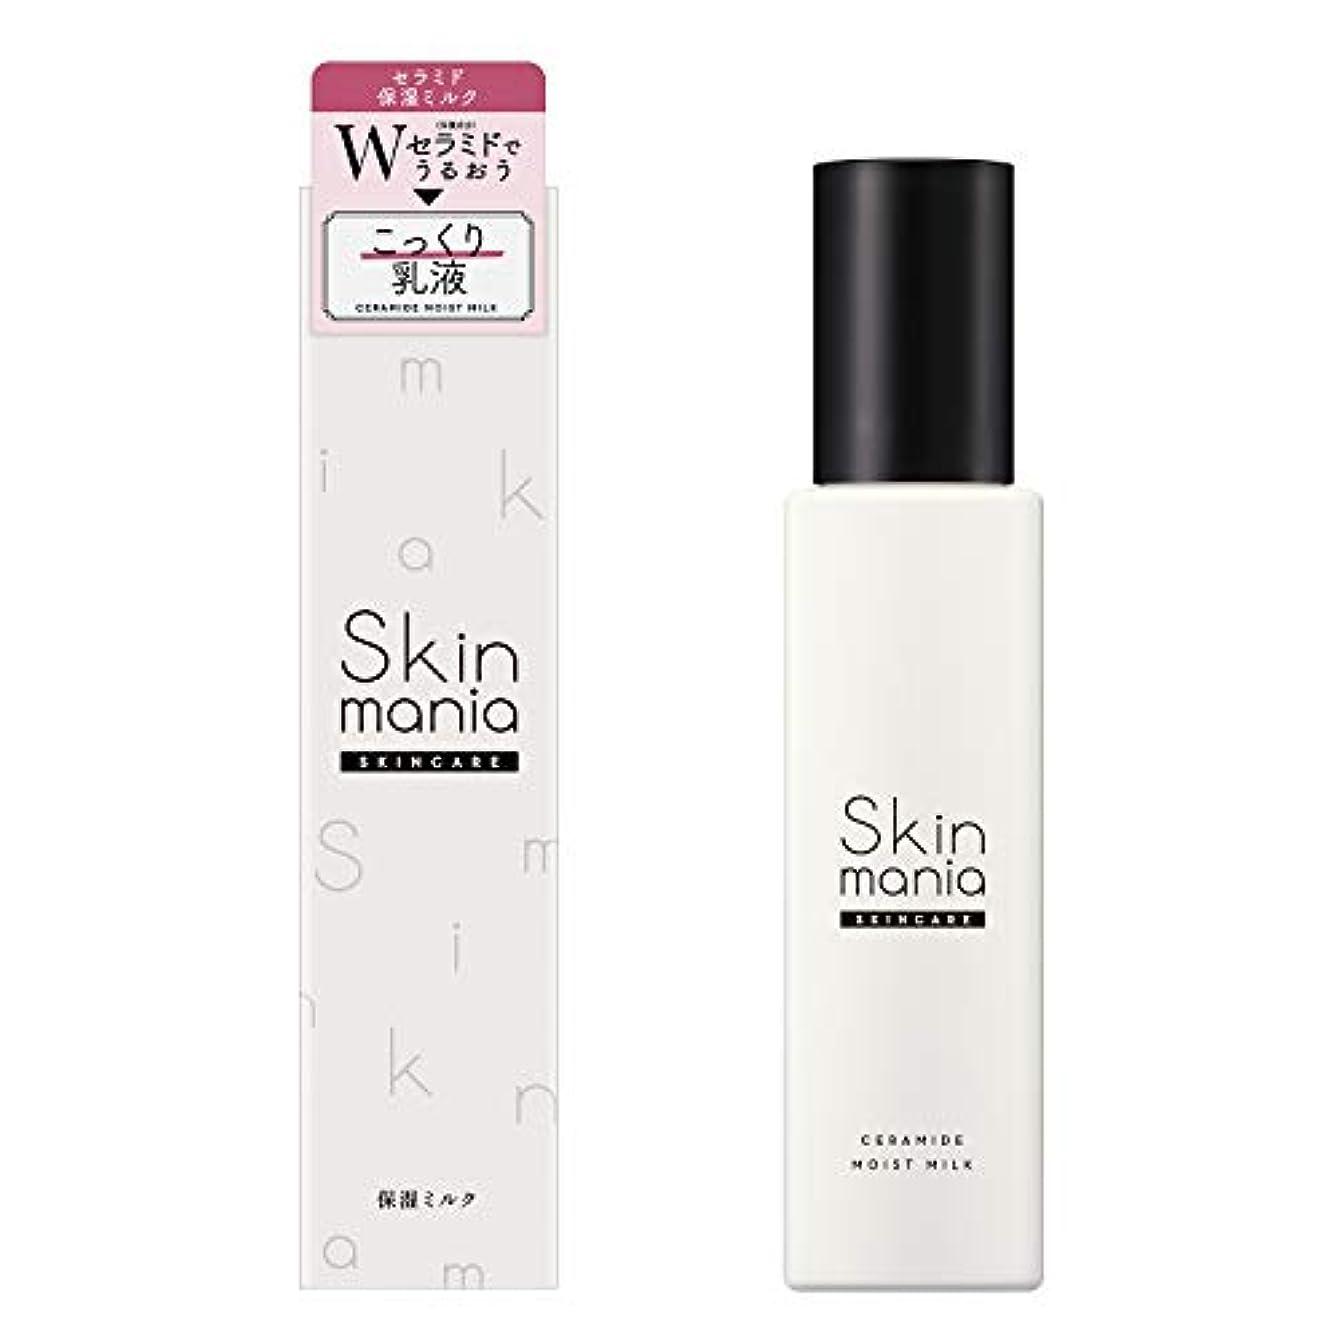 想像する鷹転用Skin mania(スキンマニア) Skin mania セラミド 保湿ミルク 120ml